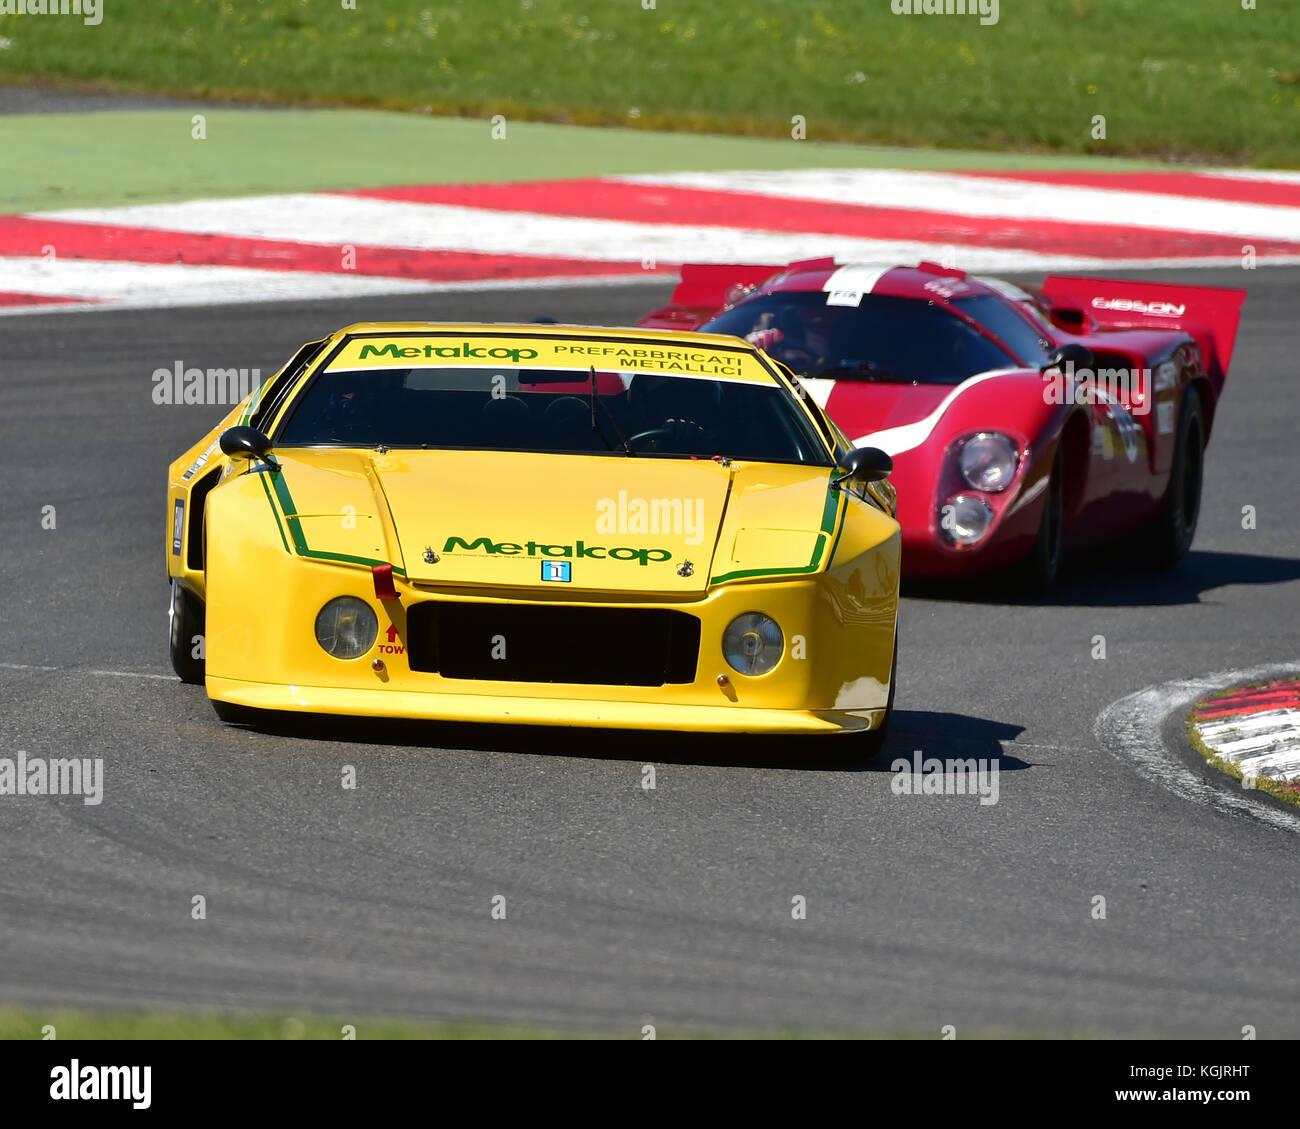 De tomaso pantera stock photos de tomaso pantera stock for Hanson motors used cars